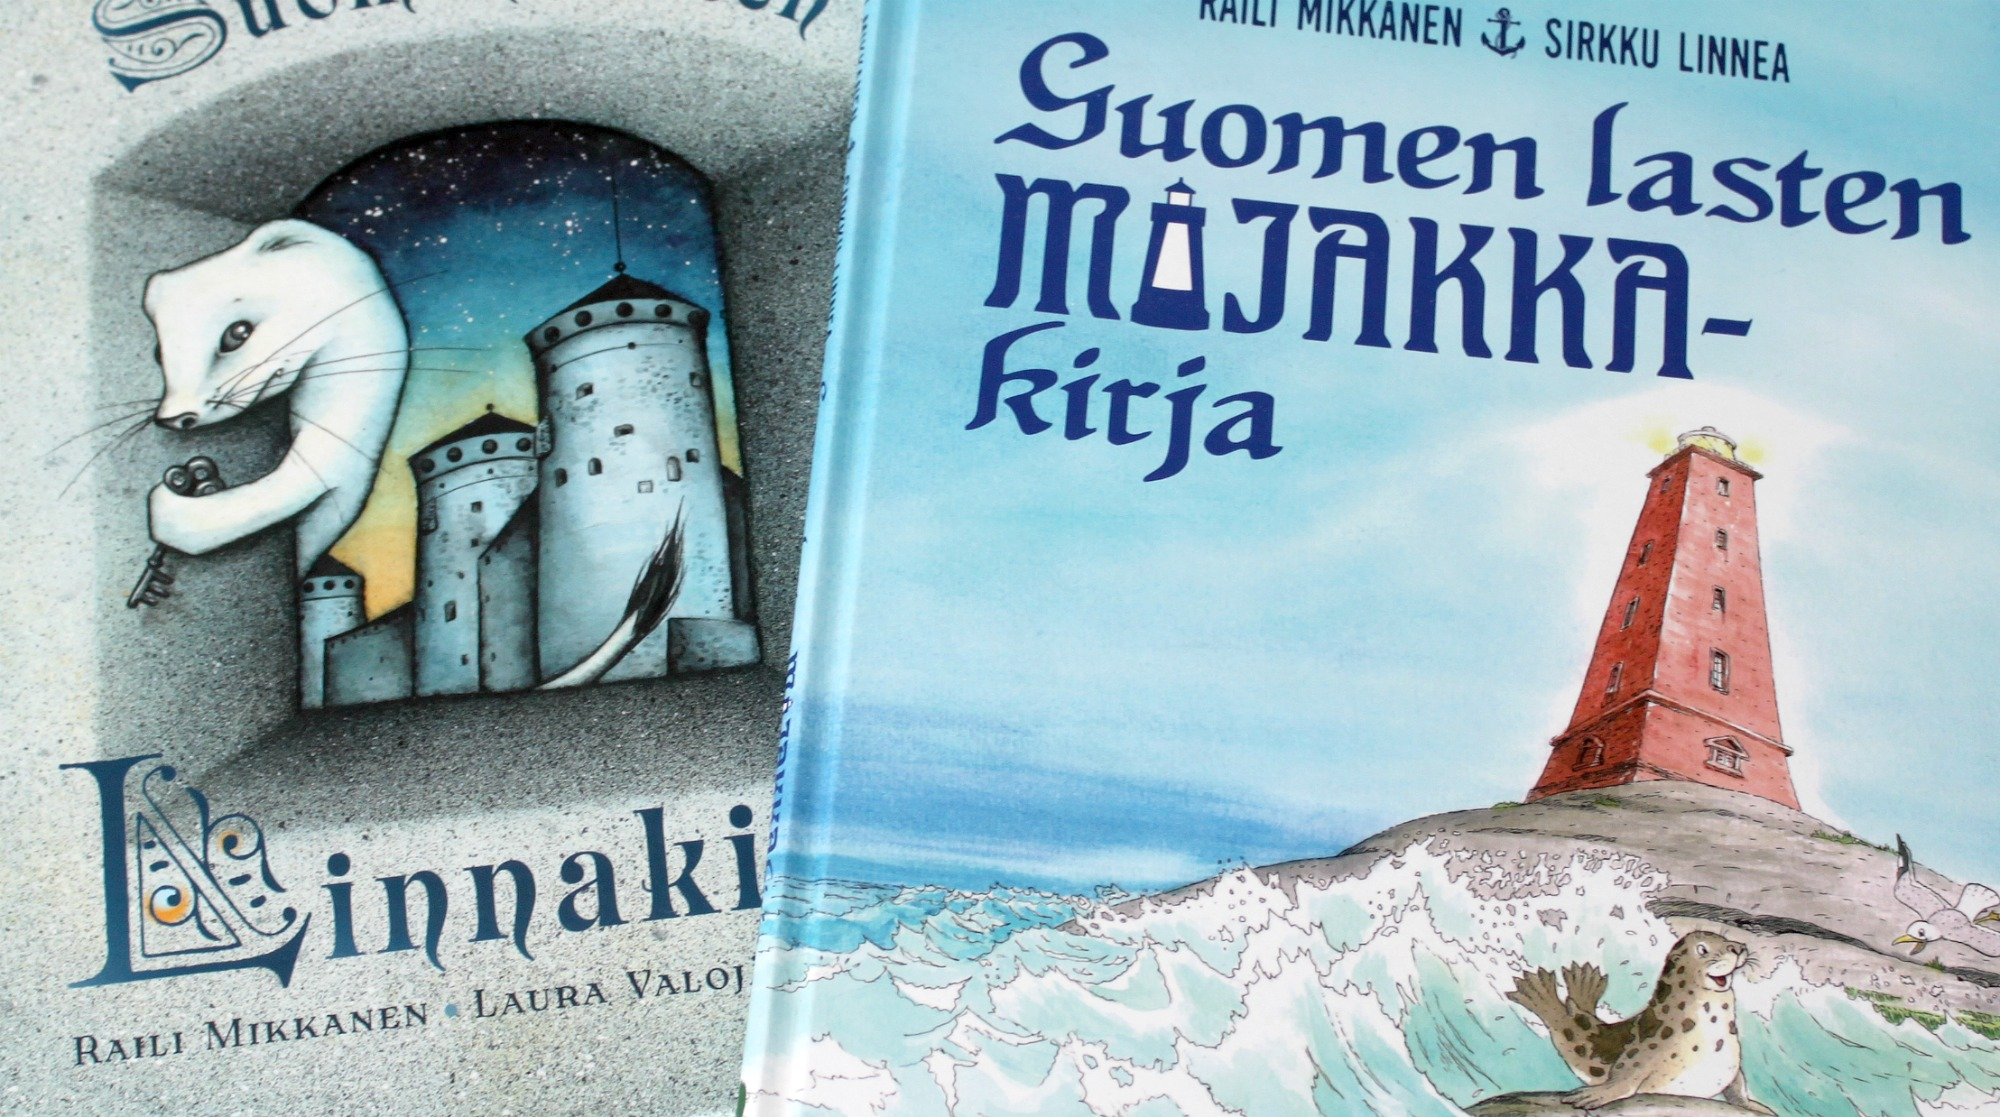 Suomen lasten majakkakirja ja linnakirja